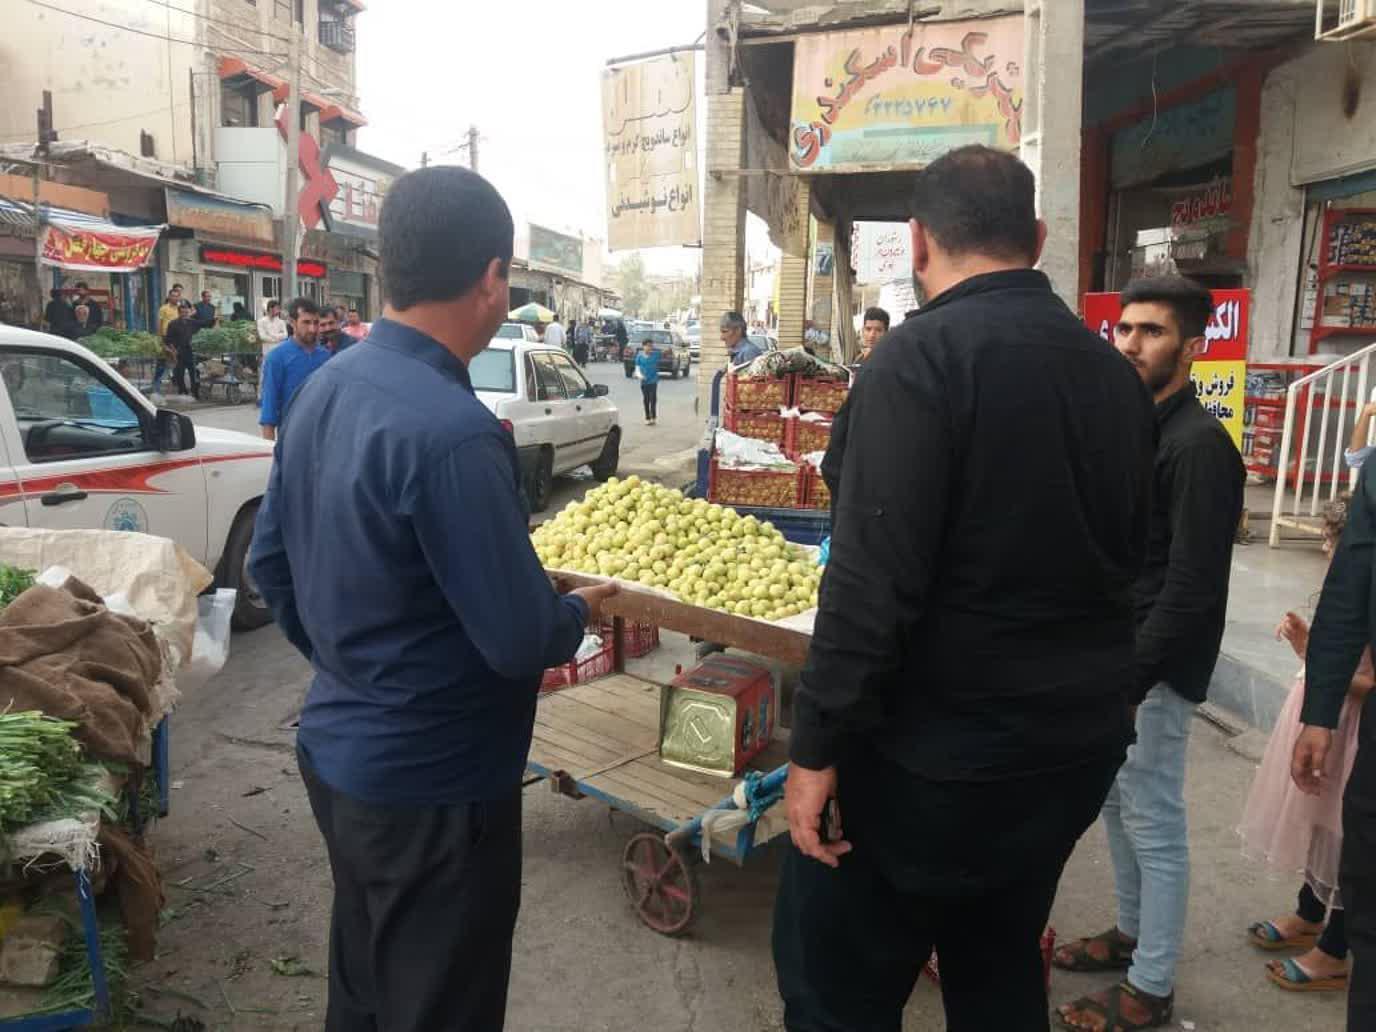 جلوگیری از ساخت و سازهای غیر مجاز توسط اجرائیات شهرداری مسجدسلیمان ادامه دارد